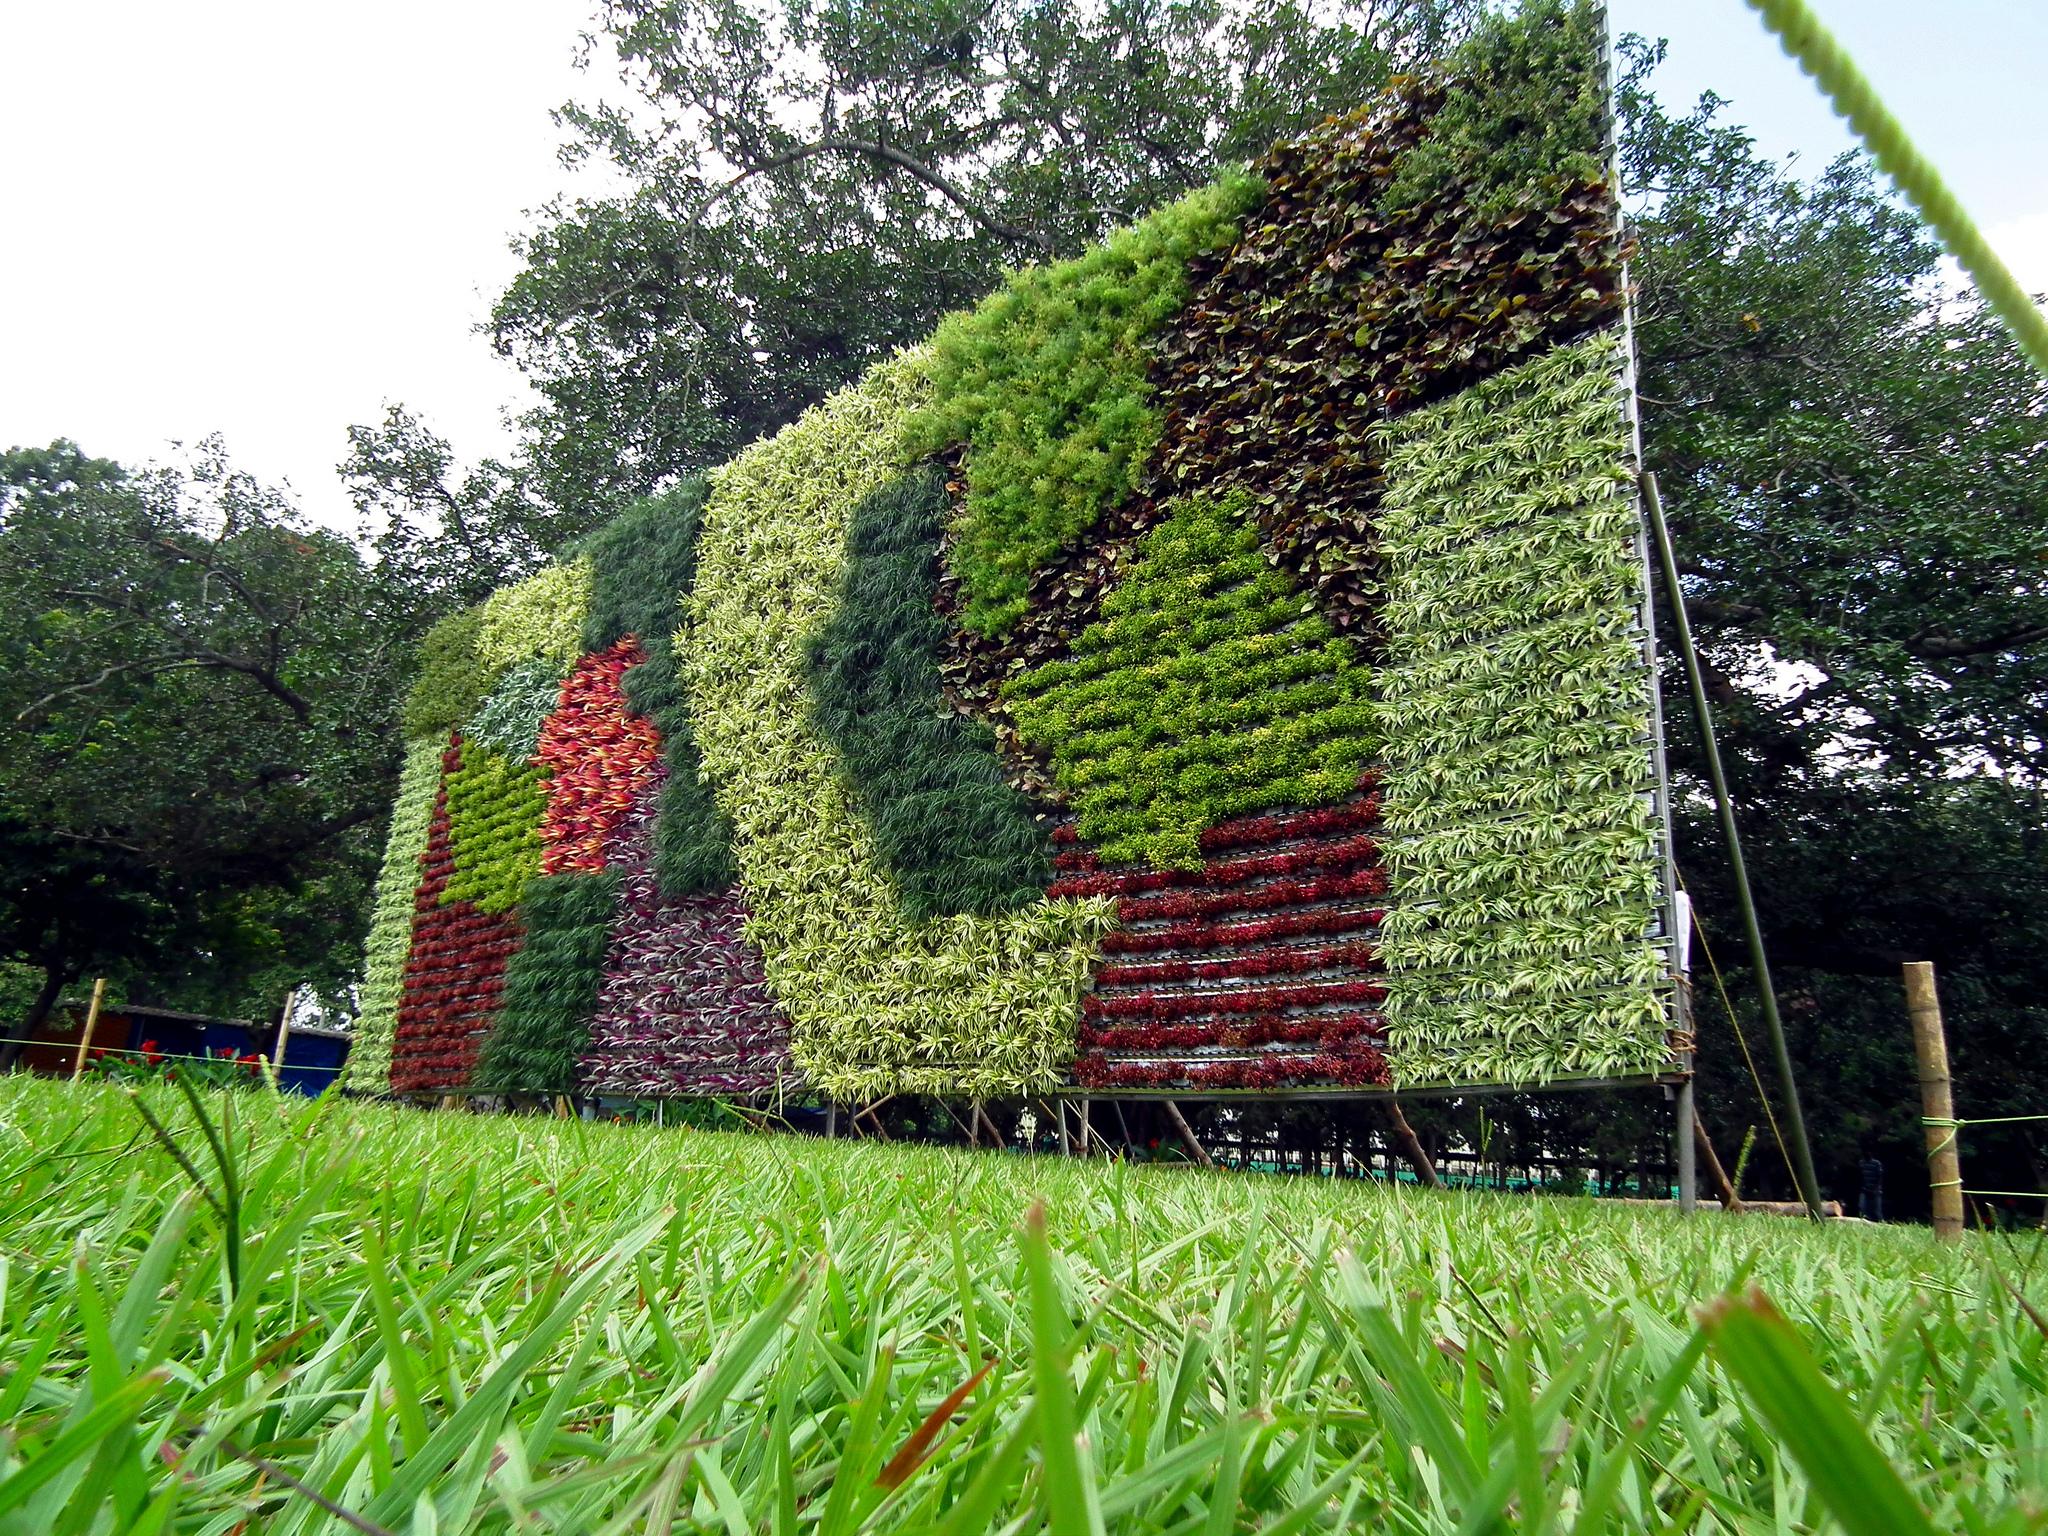 Perete vegetal mozaicat